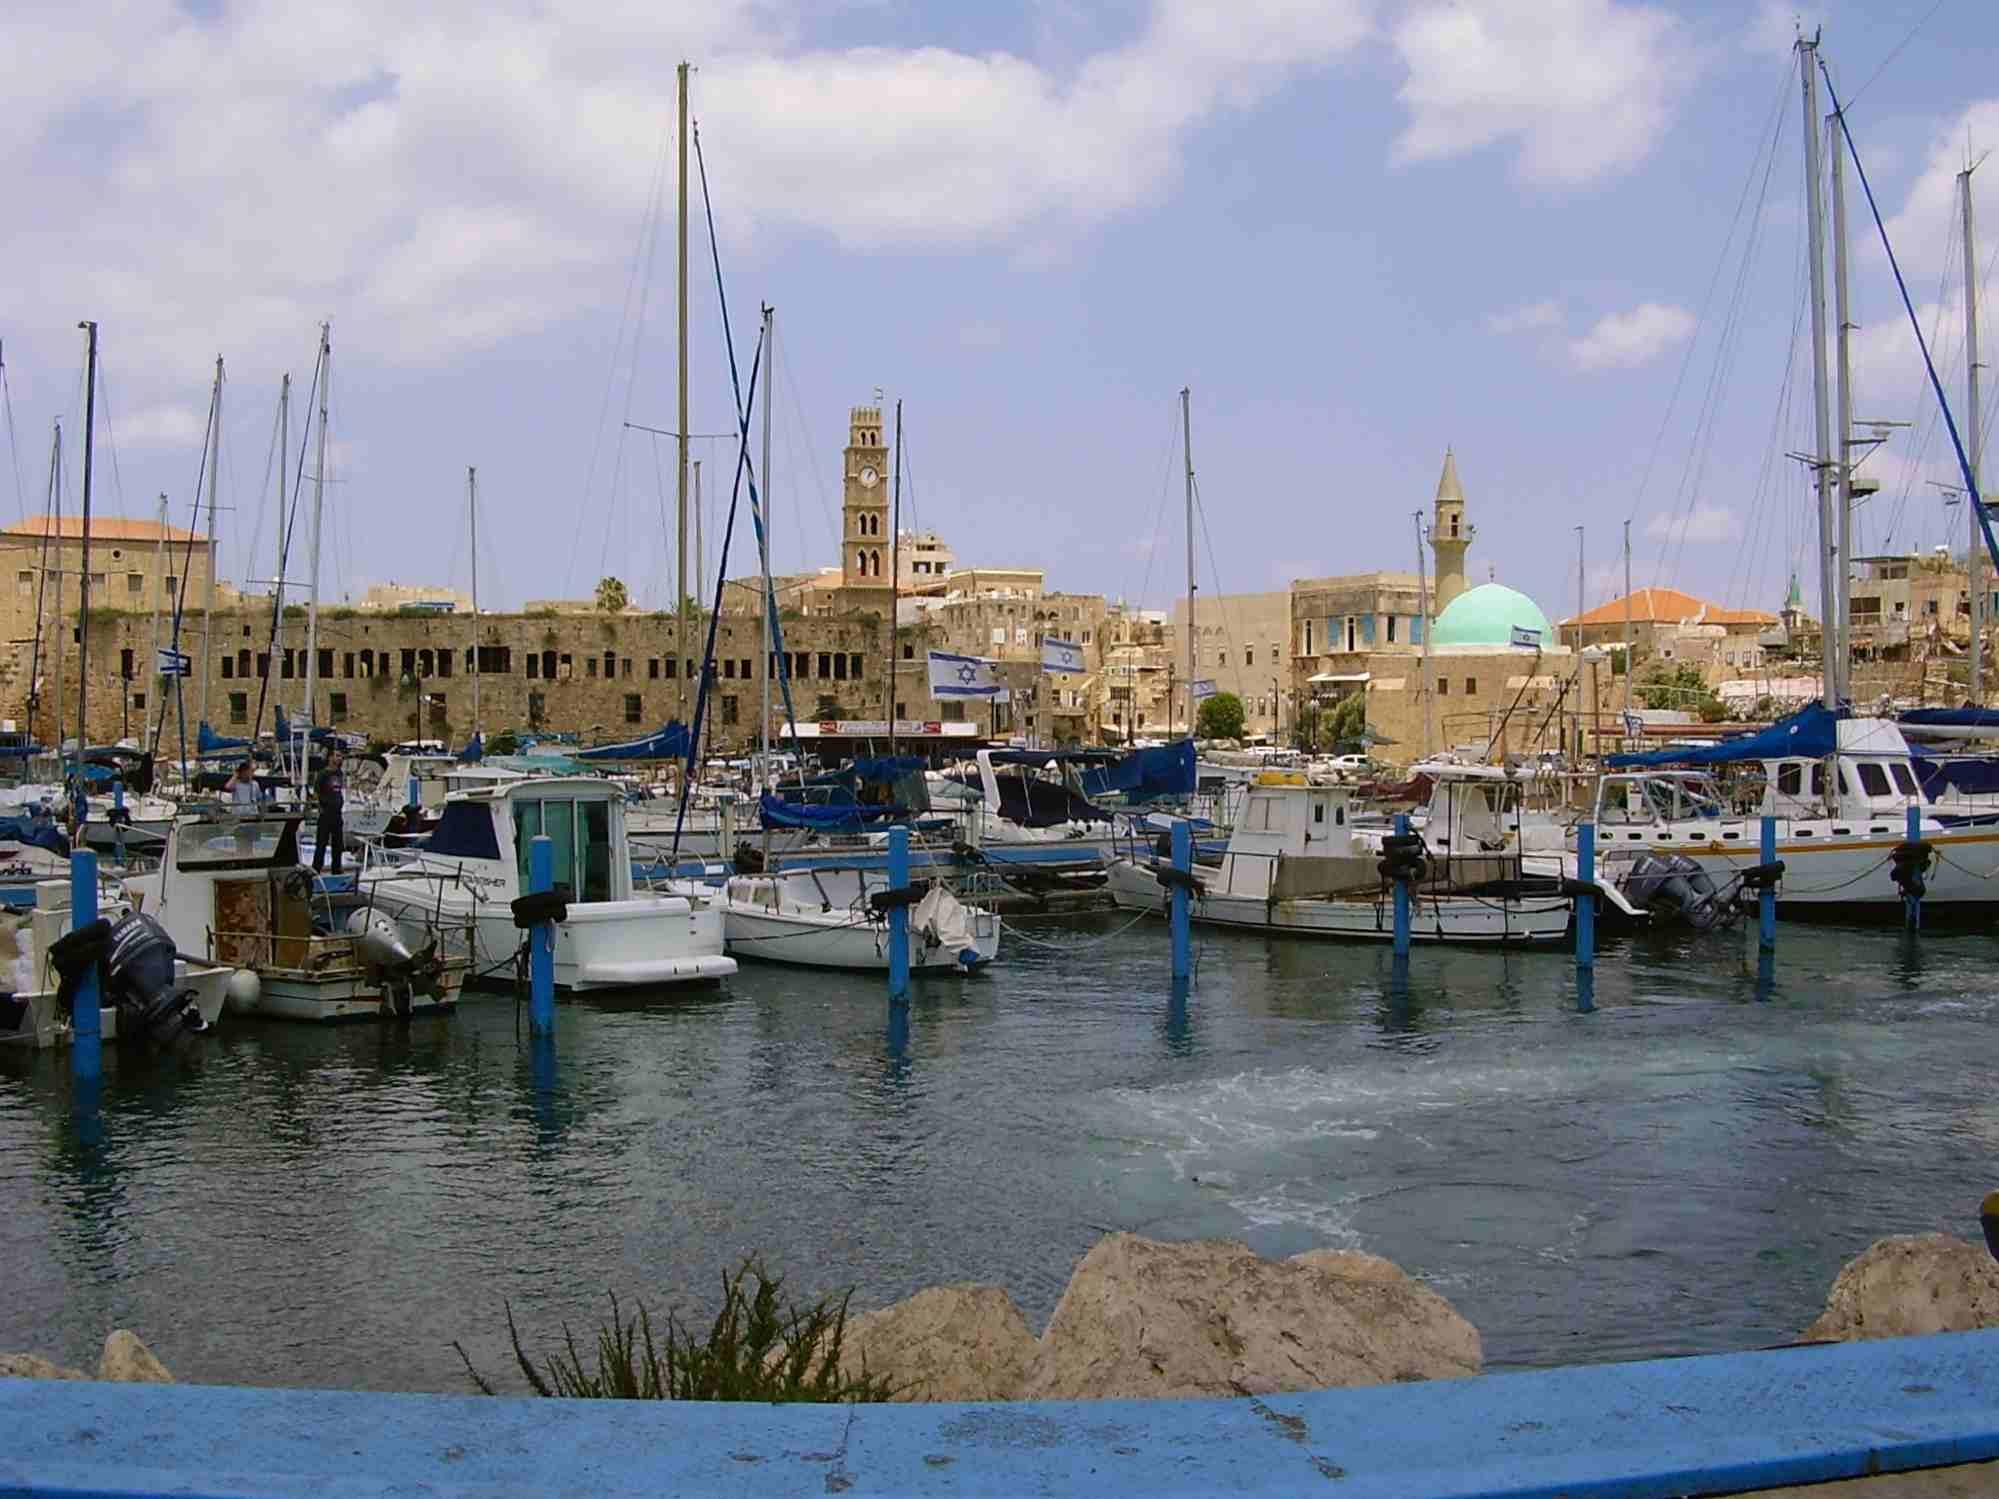 Akko-Acre-Israel-Port-PikiWiki-Israel.jpg